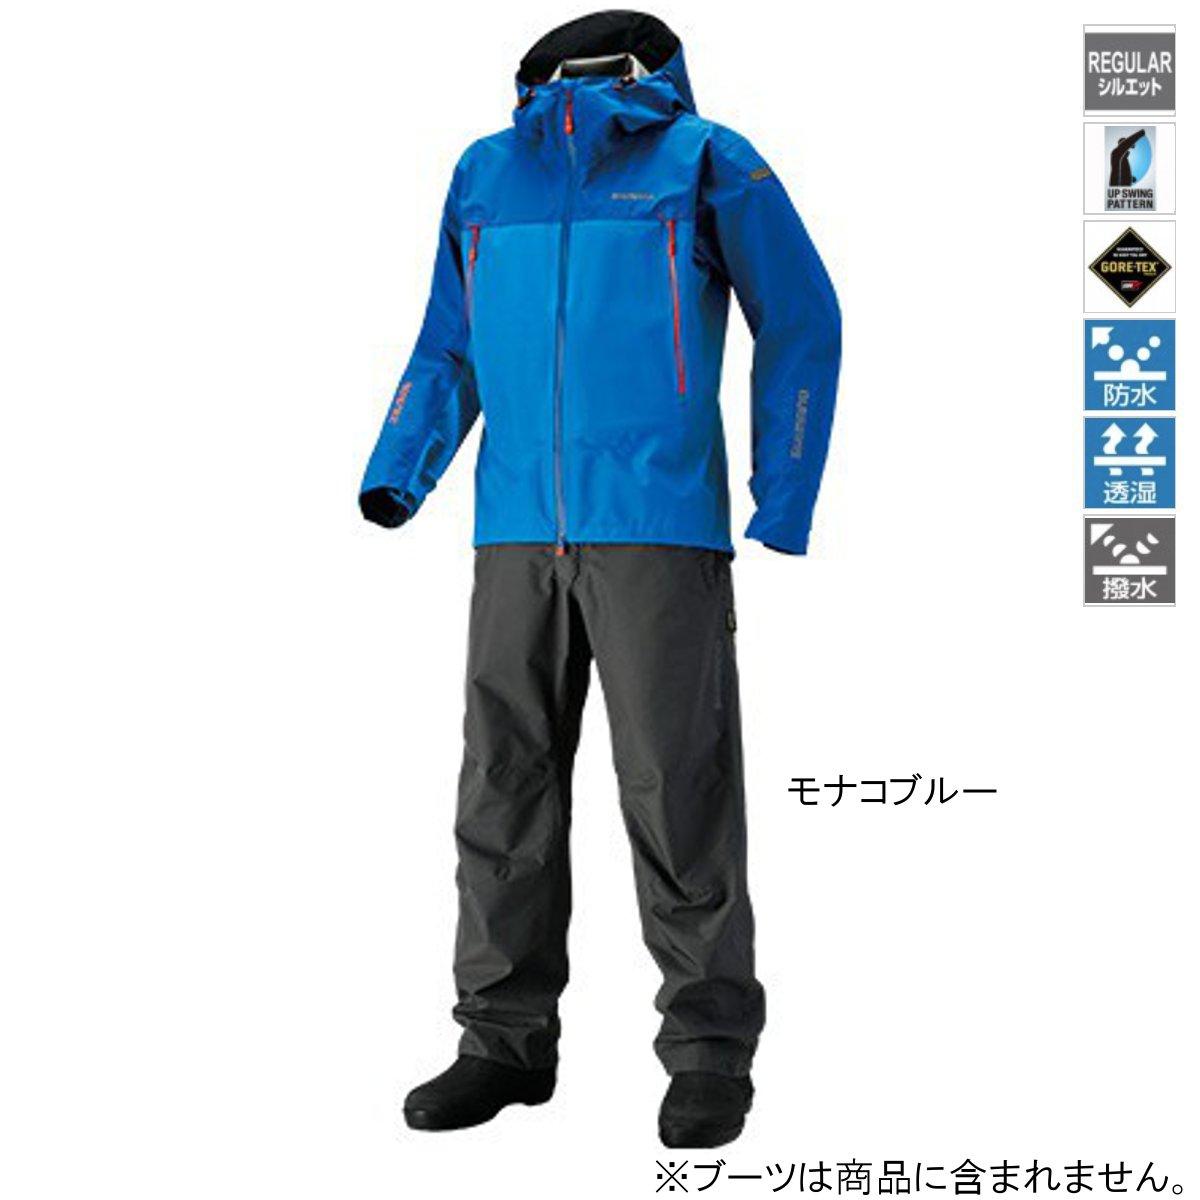 シマノ GORE-TEX ベーシックスーツ RA-017R L モナコブルー【送料無料】